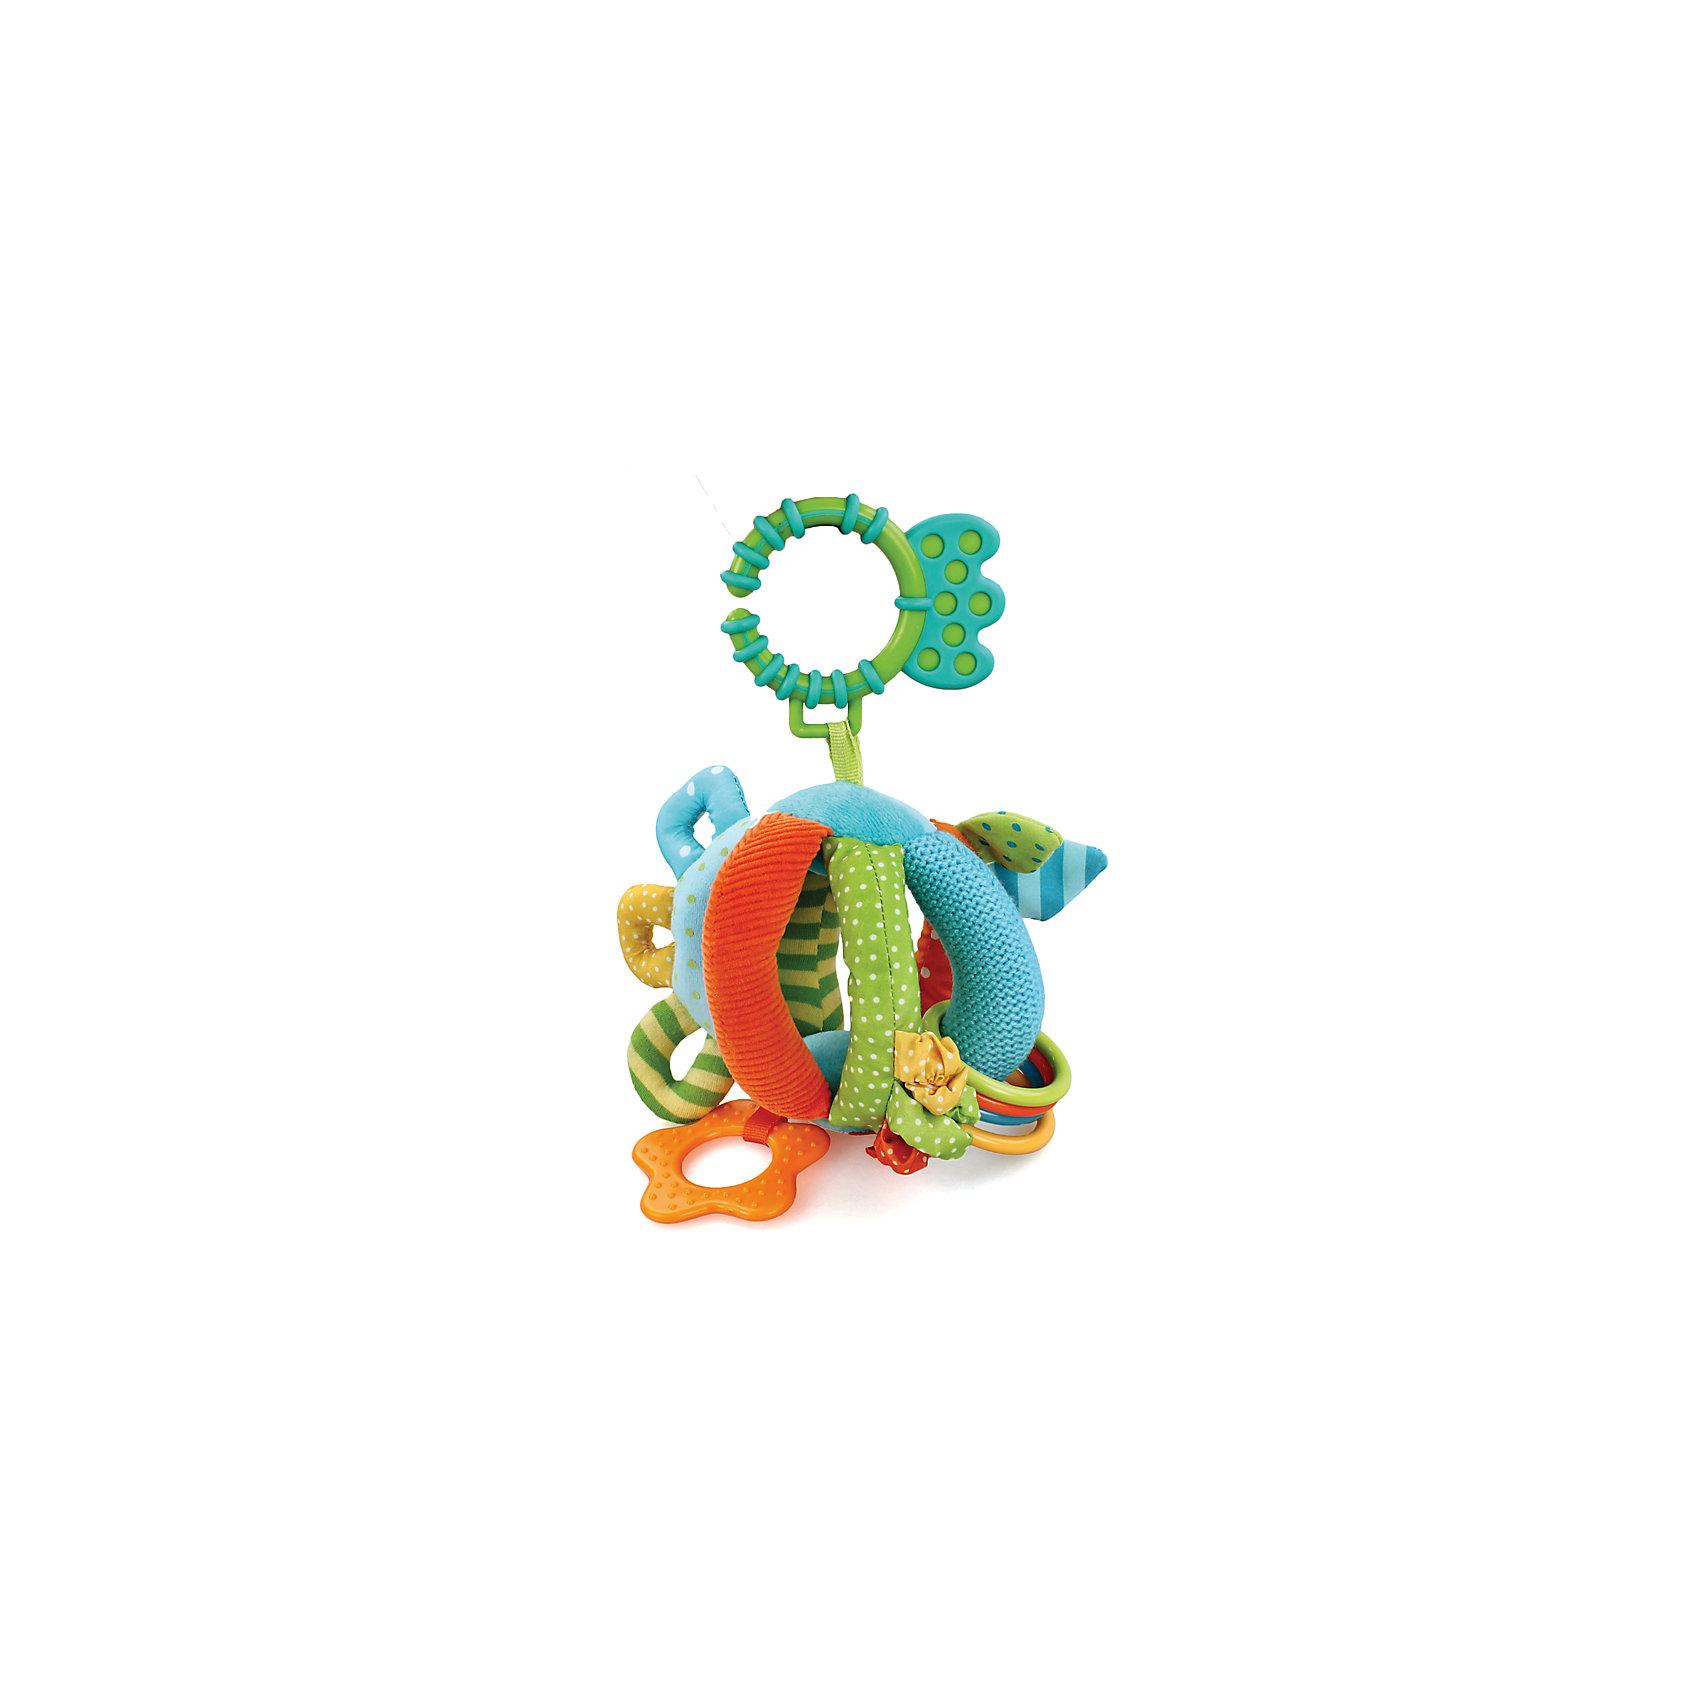 Жирафики Развивающая игрушка Шарик, Жирафики развивающие игрушки русский стиль игрушка гриб 9 см